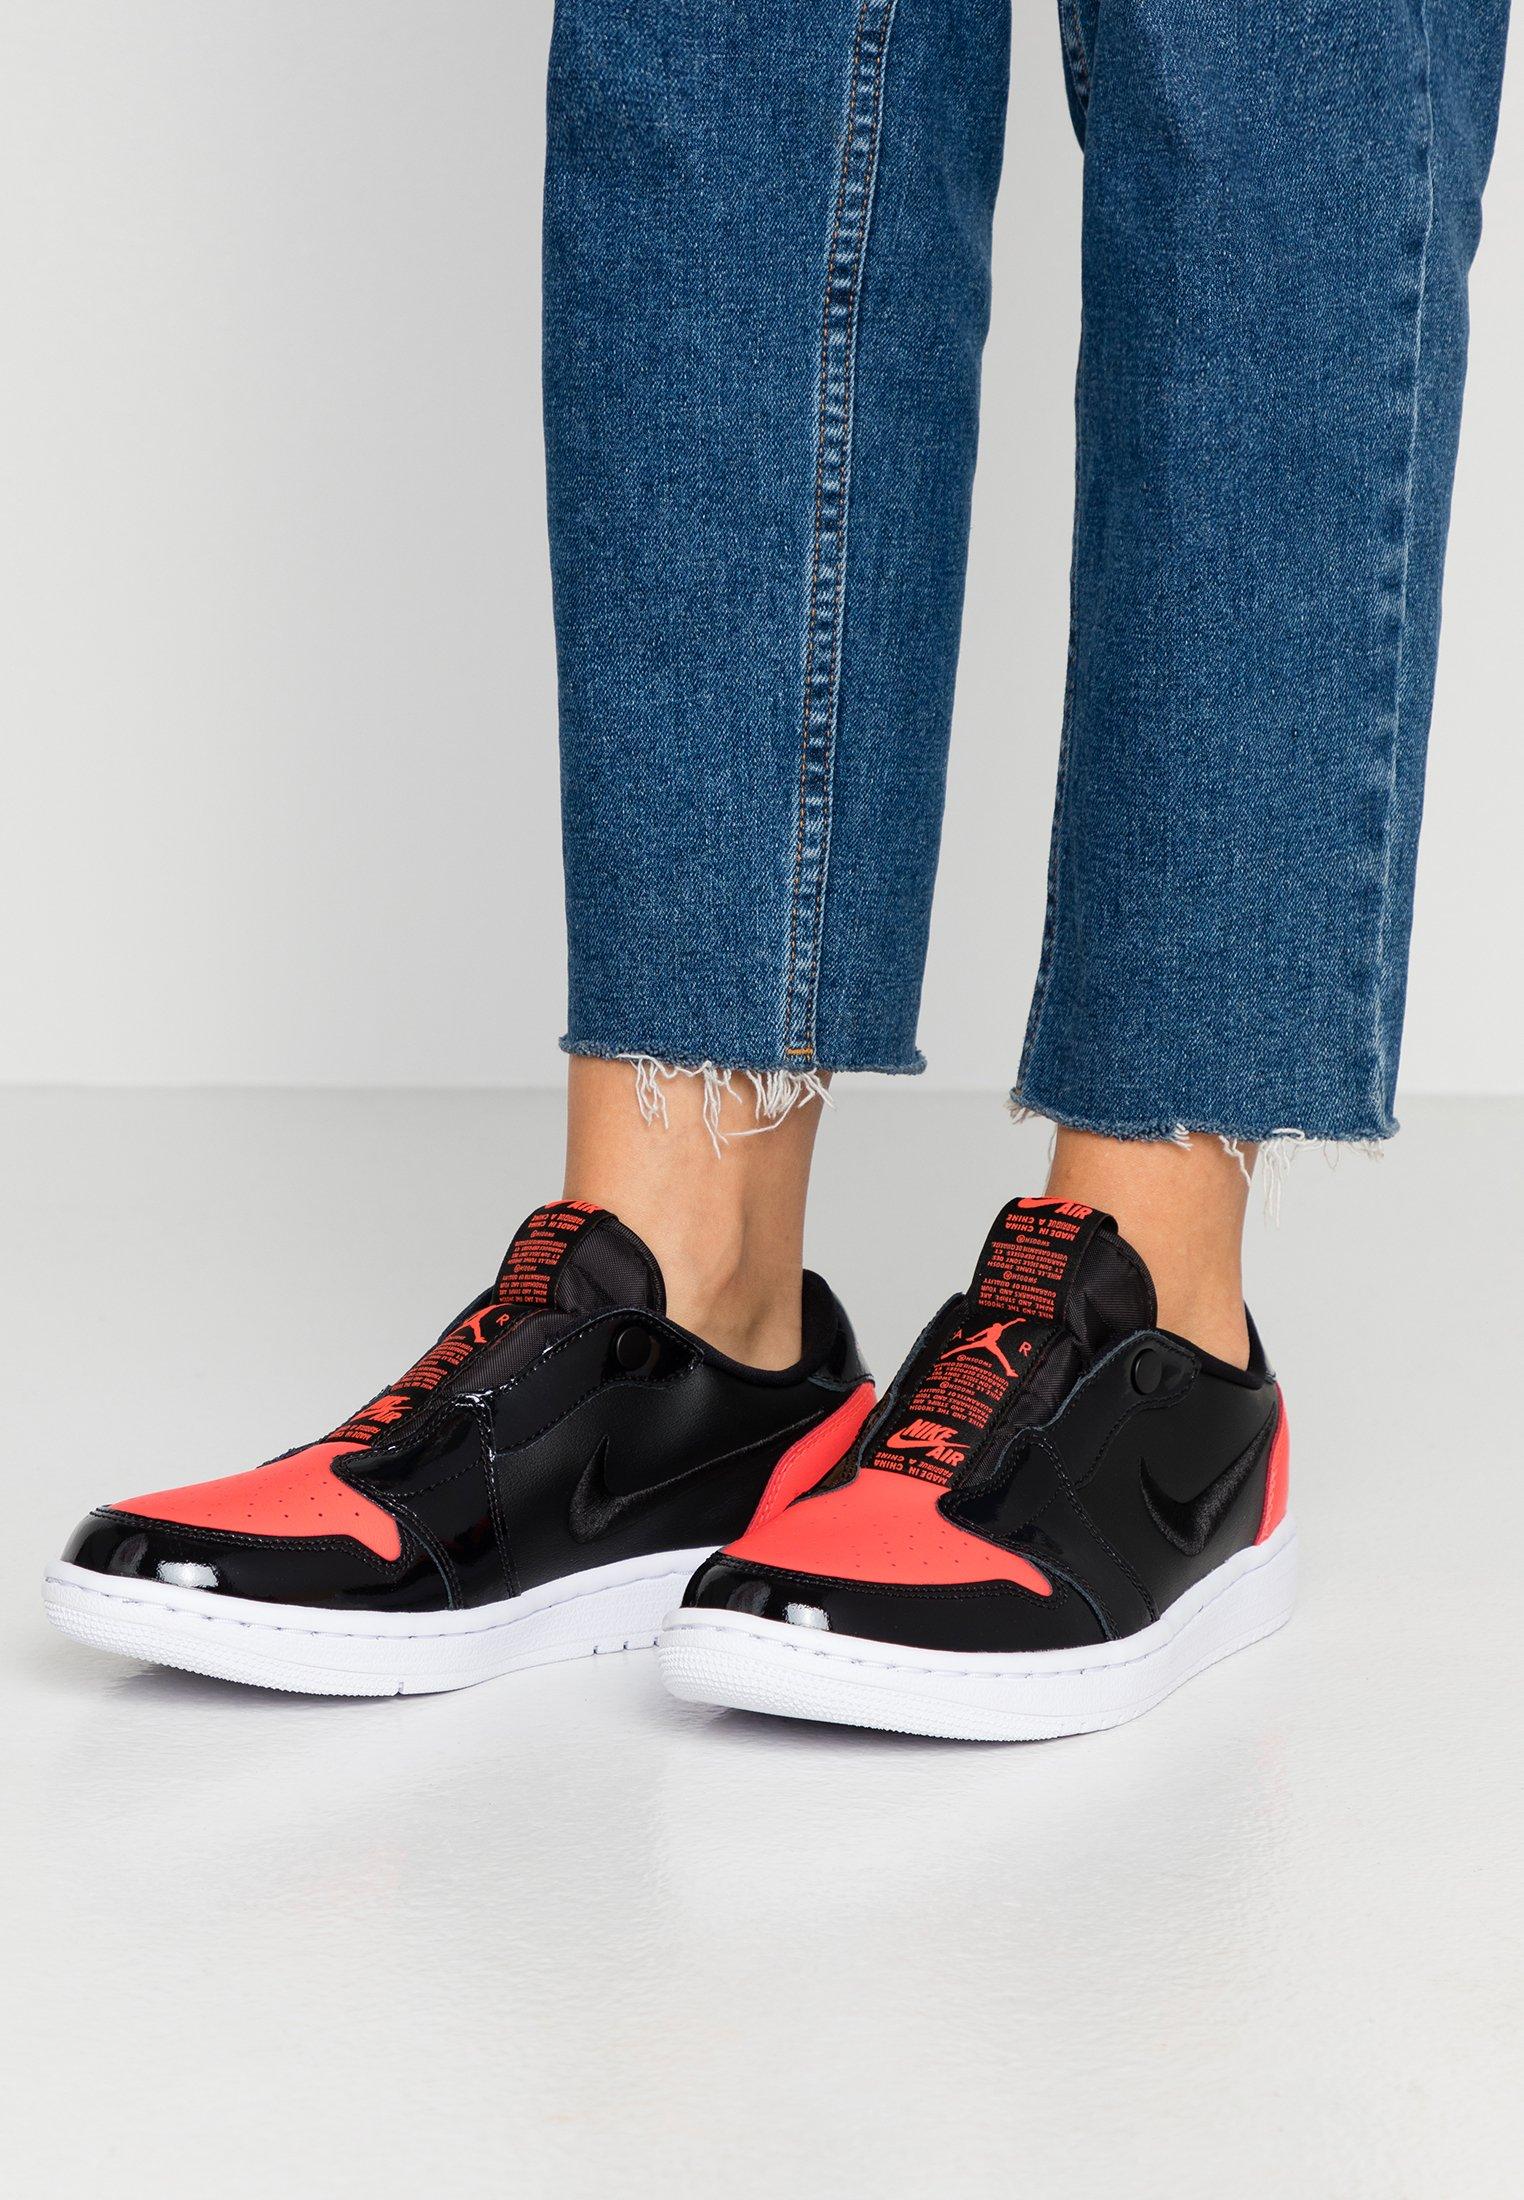 Jordan AIR 1- Scarpe senza lacci bright crimson/black/white